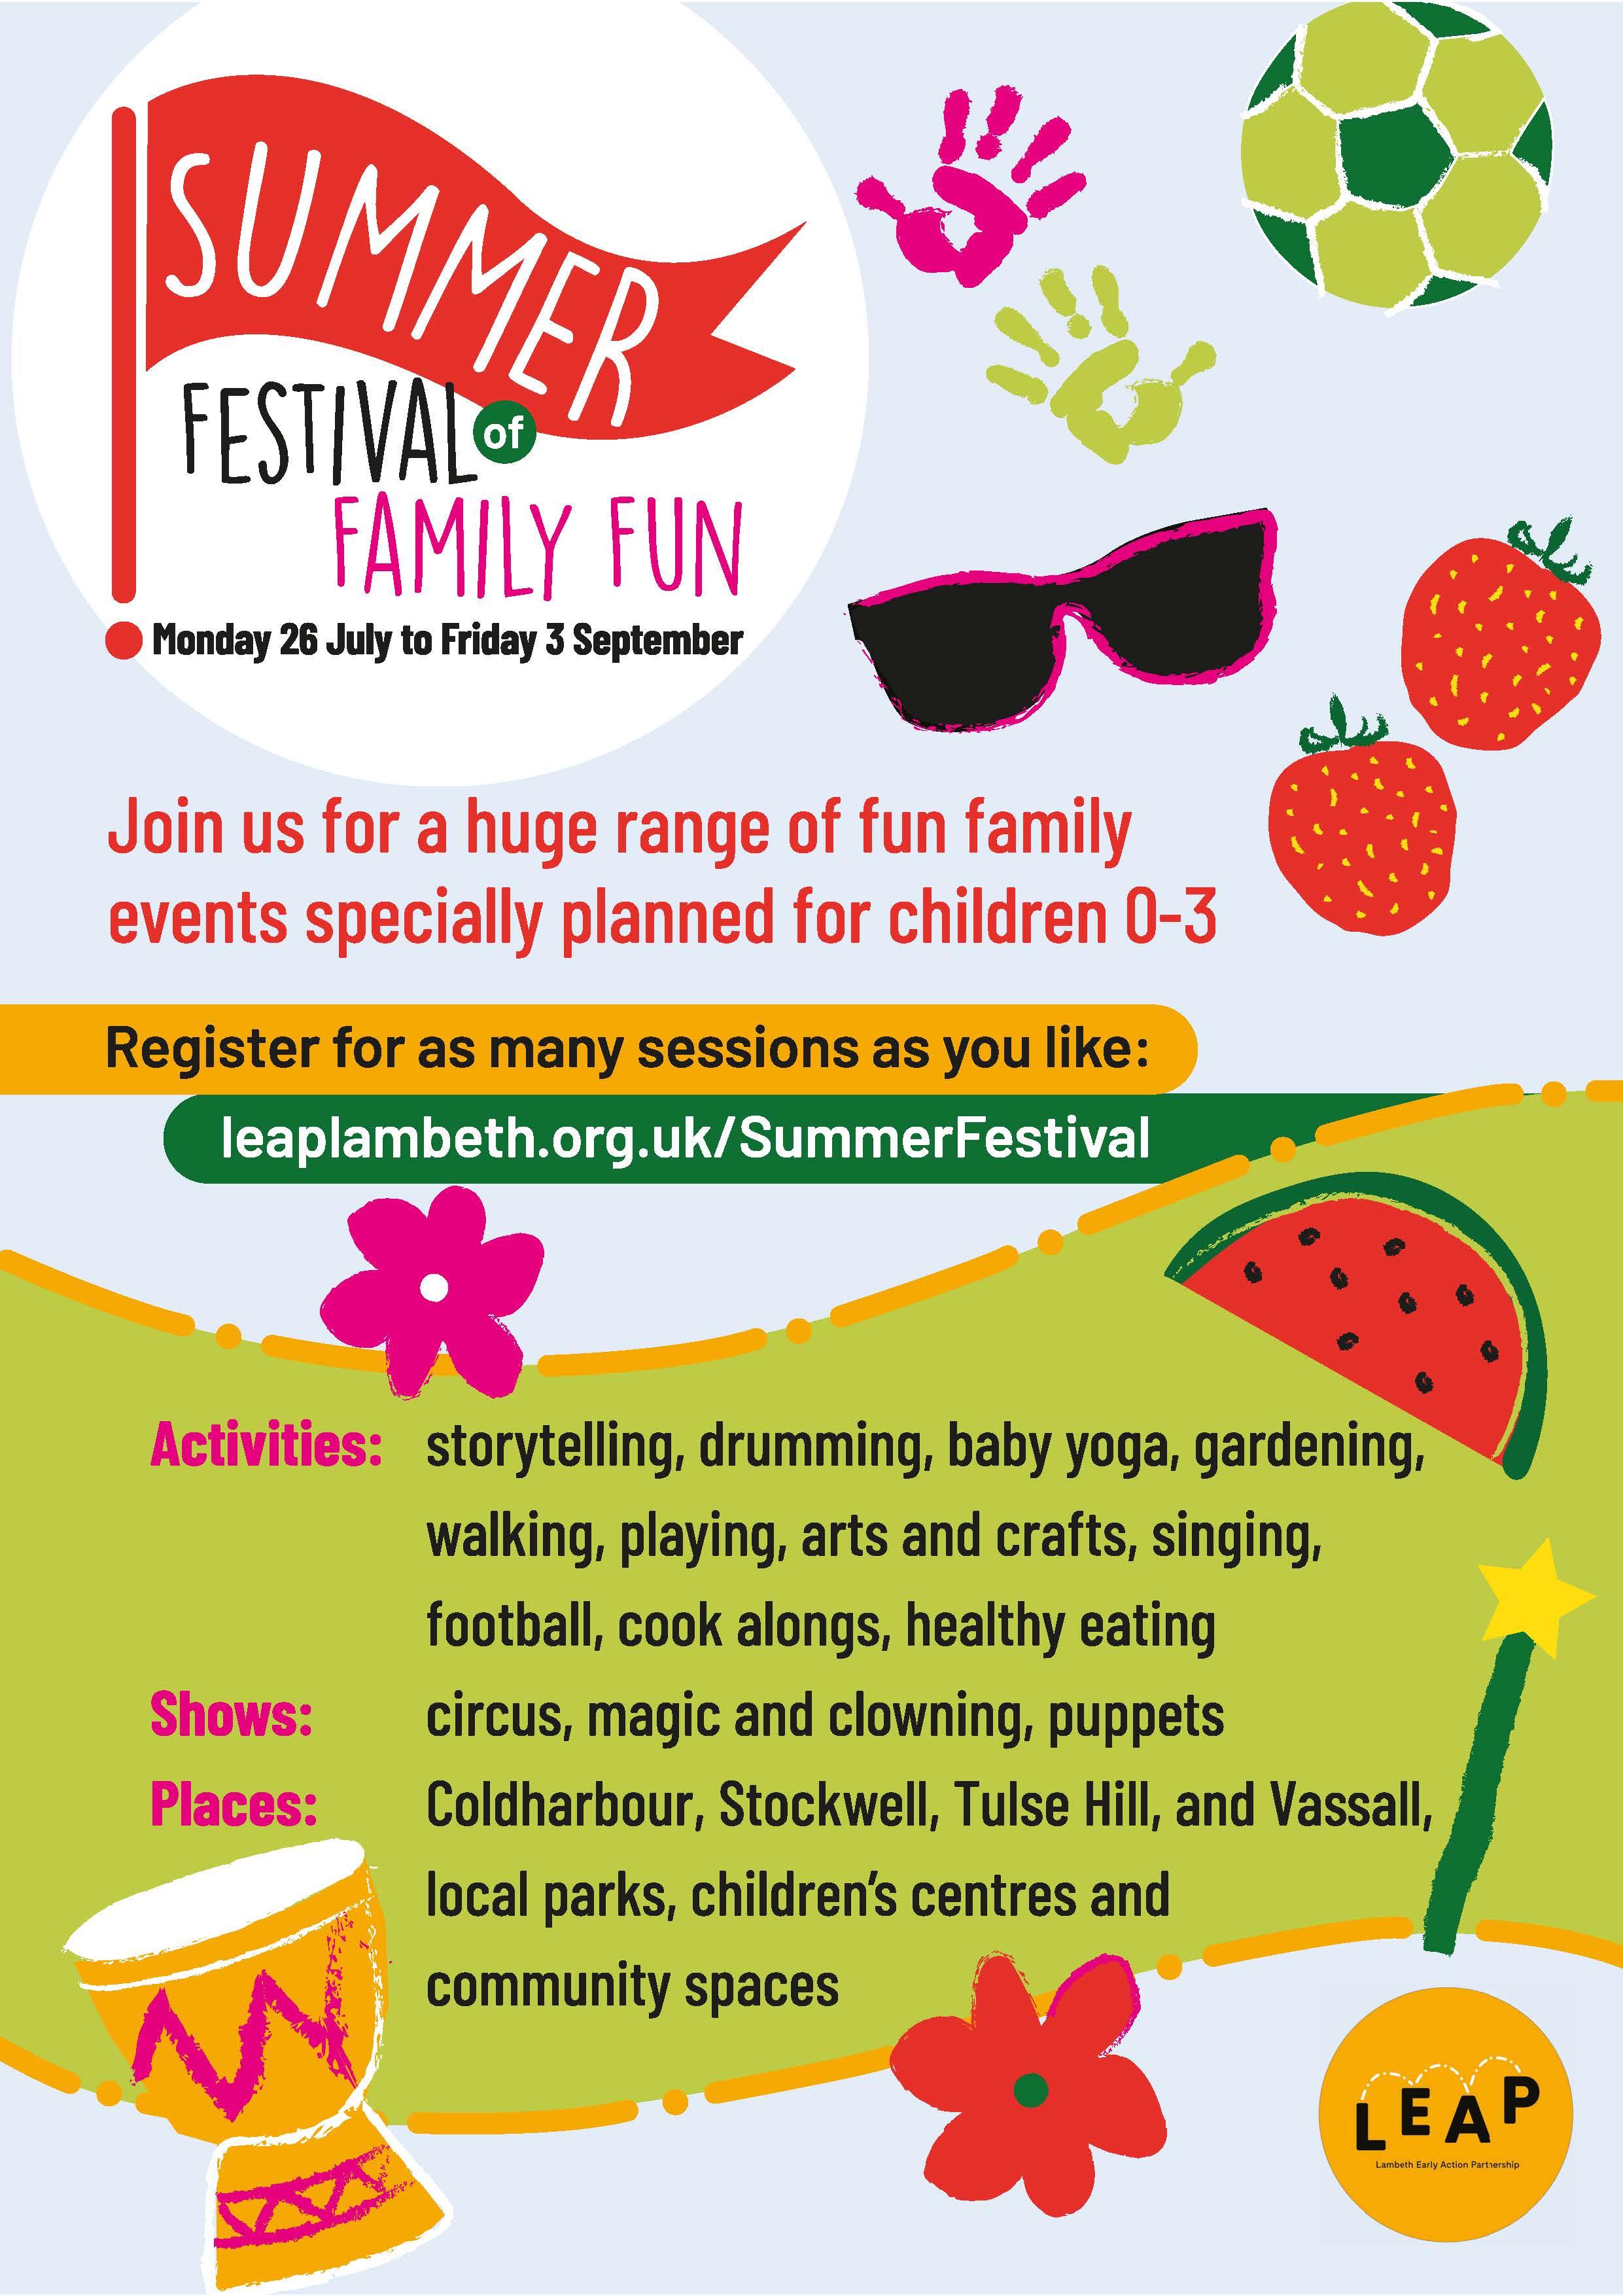 Leapsummer festival poster